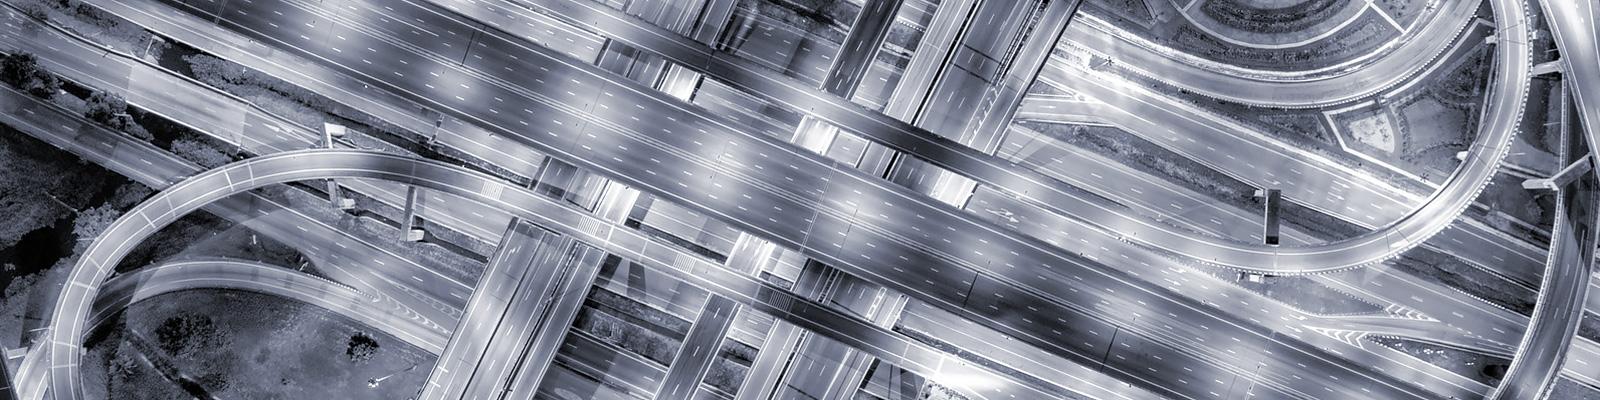 交通 自動車 通信 イメージ